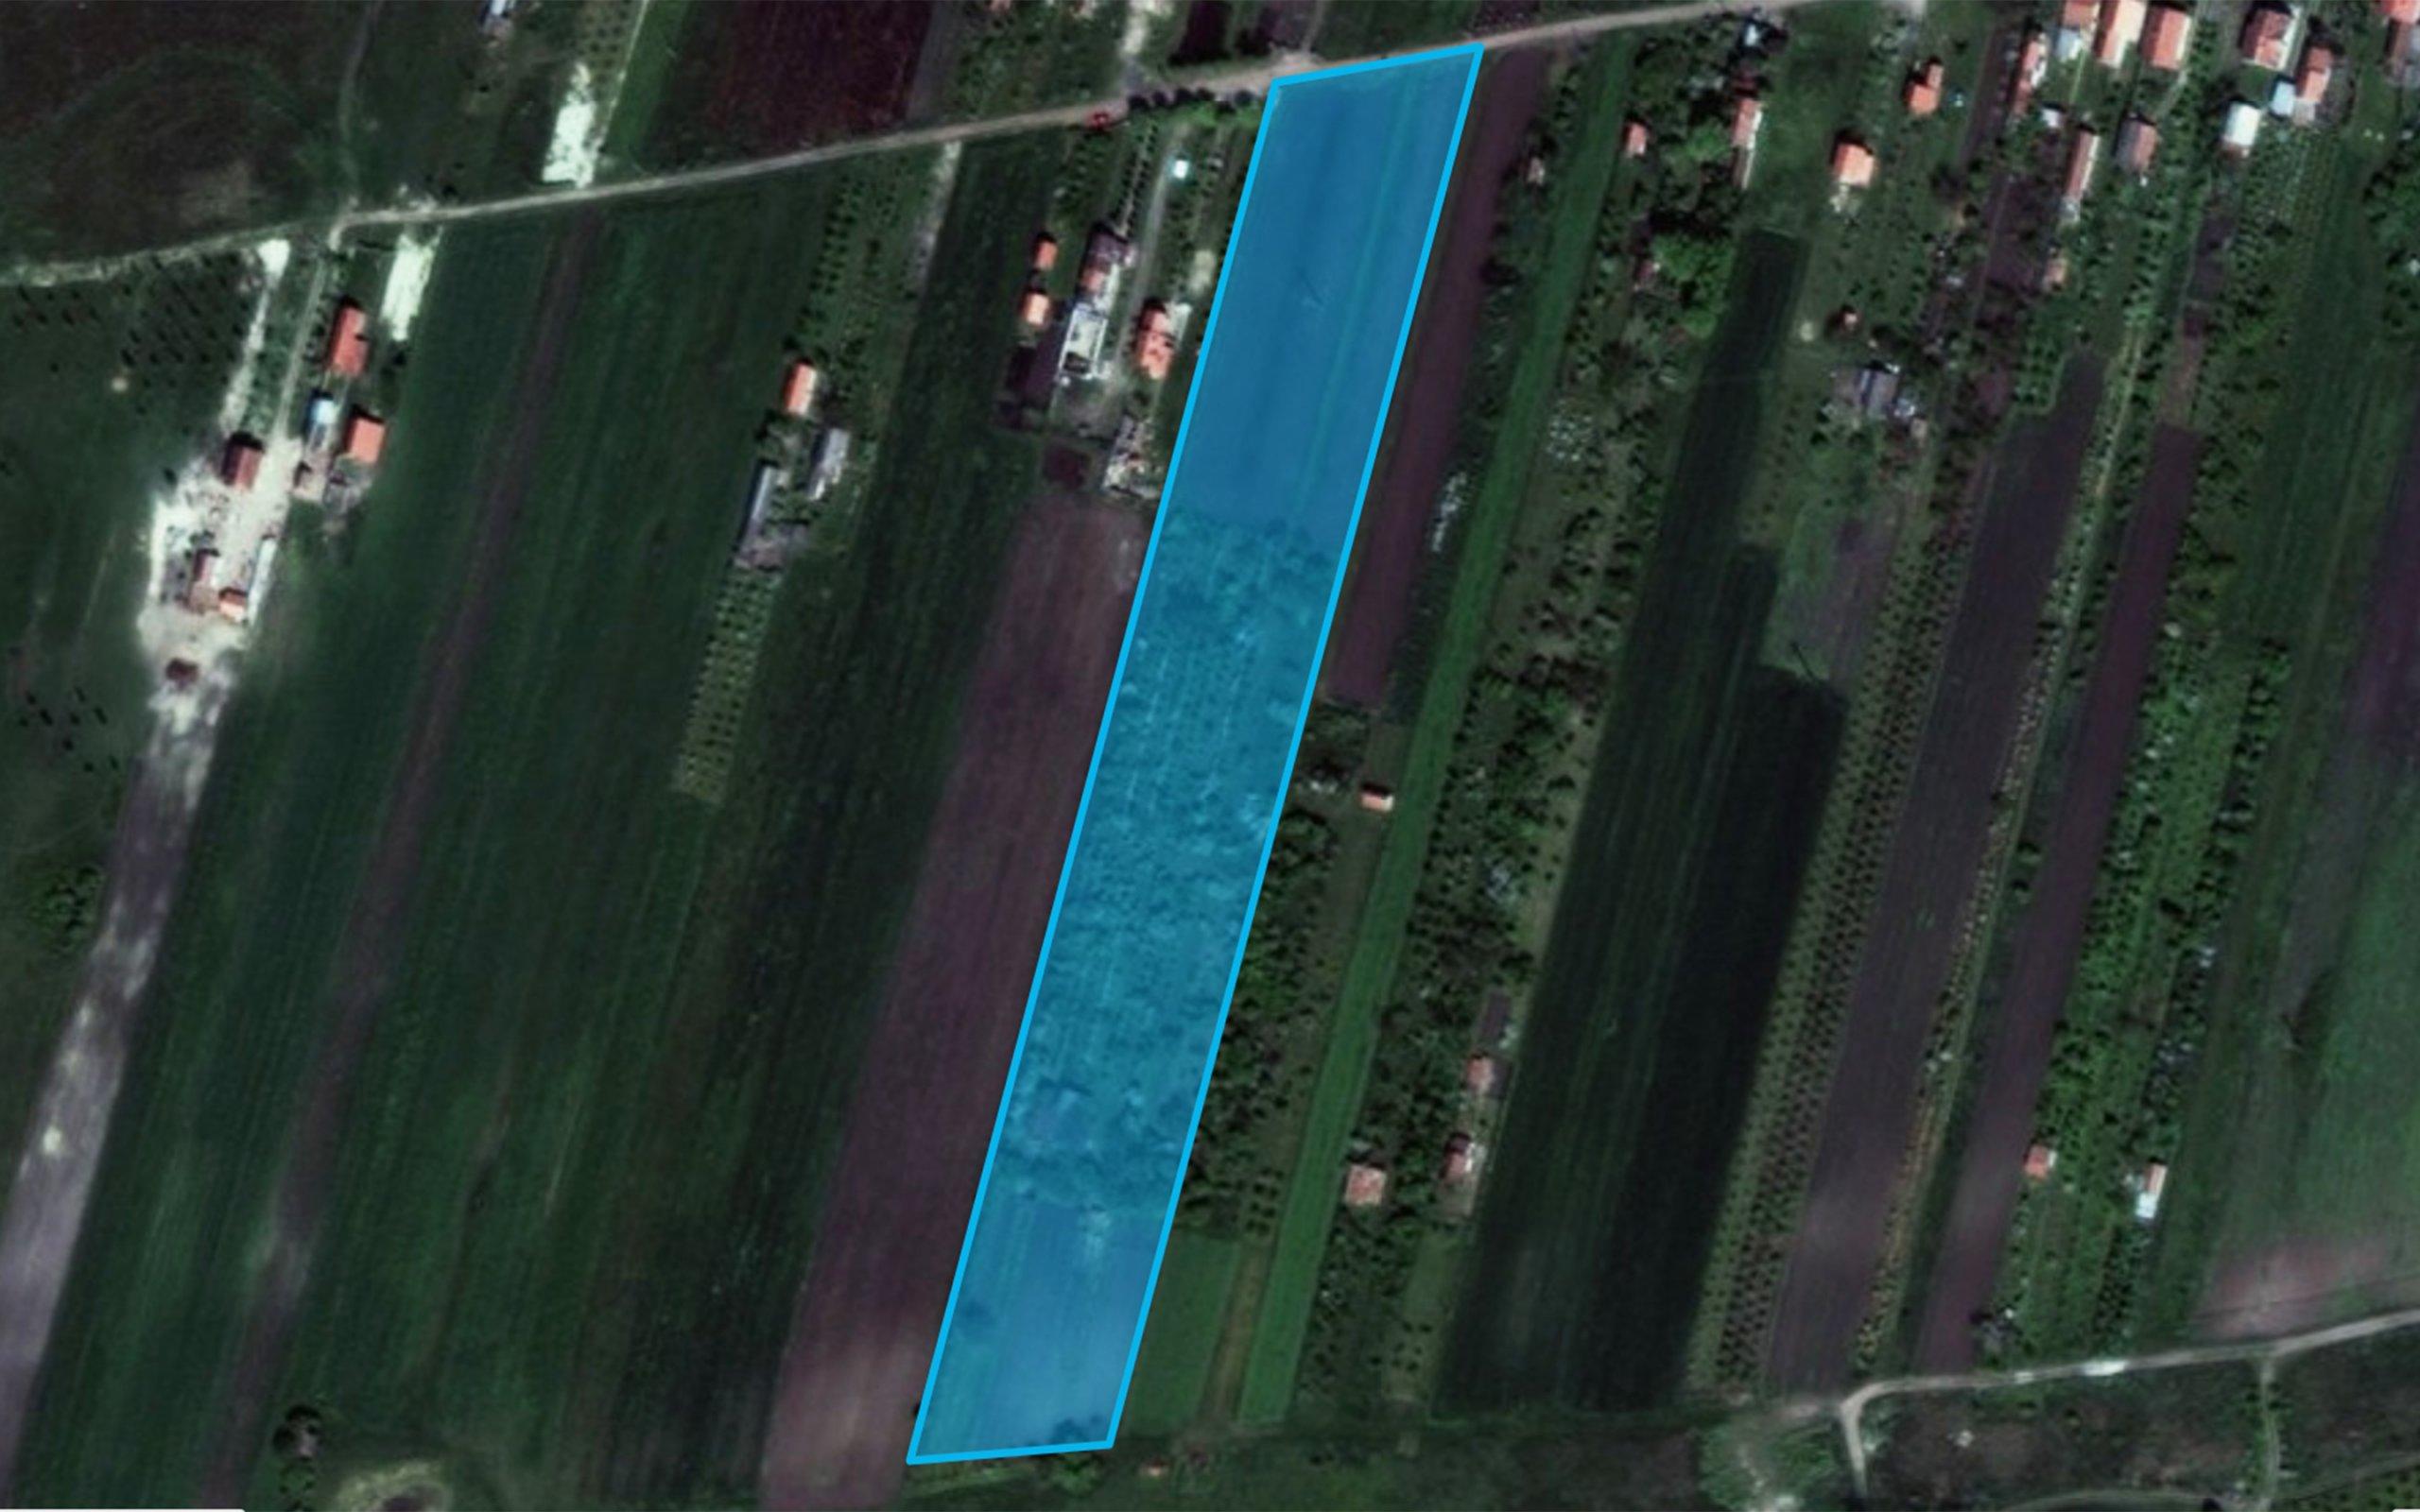 Poljoprivredno Zemljište Blizina Aviv Parka Zrenjanin